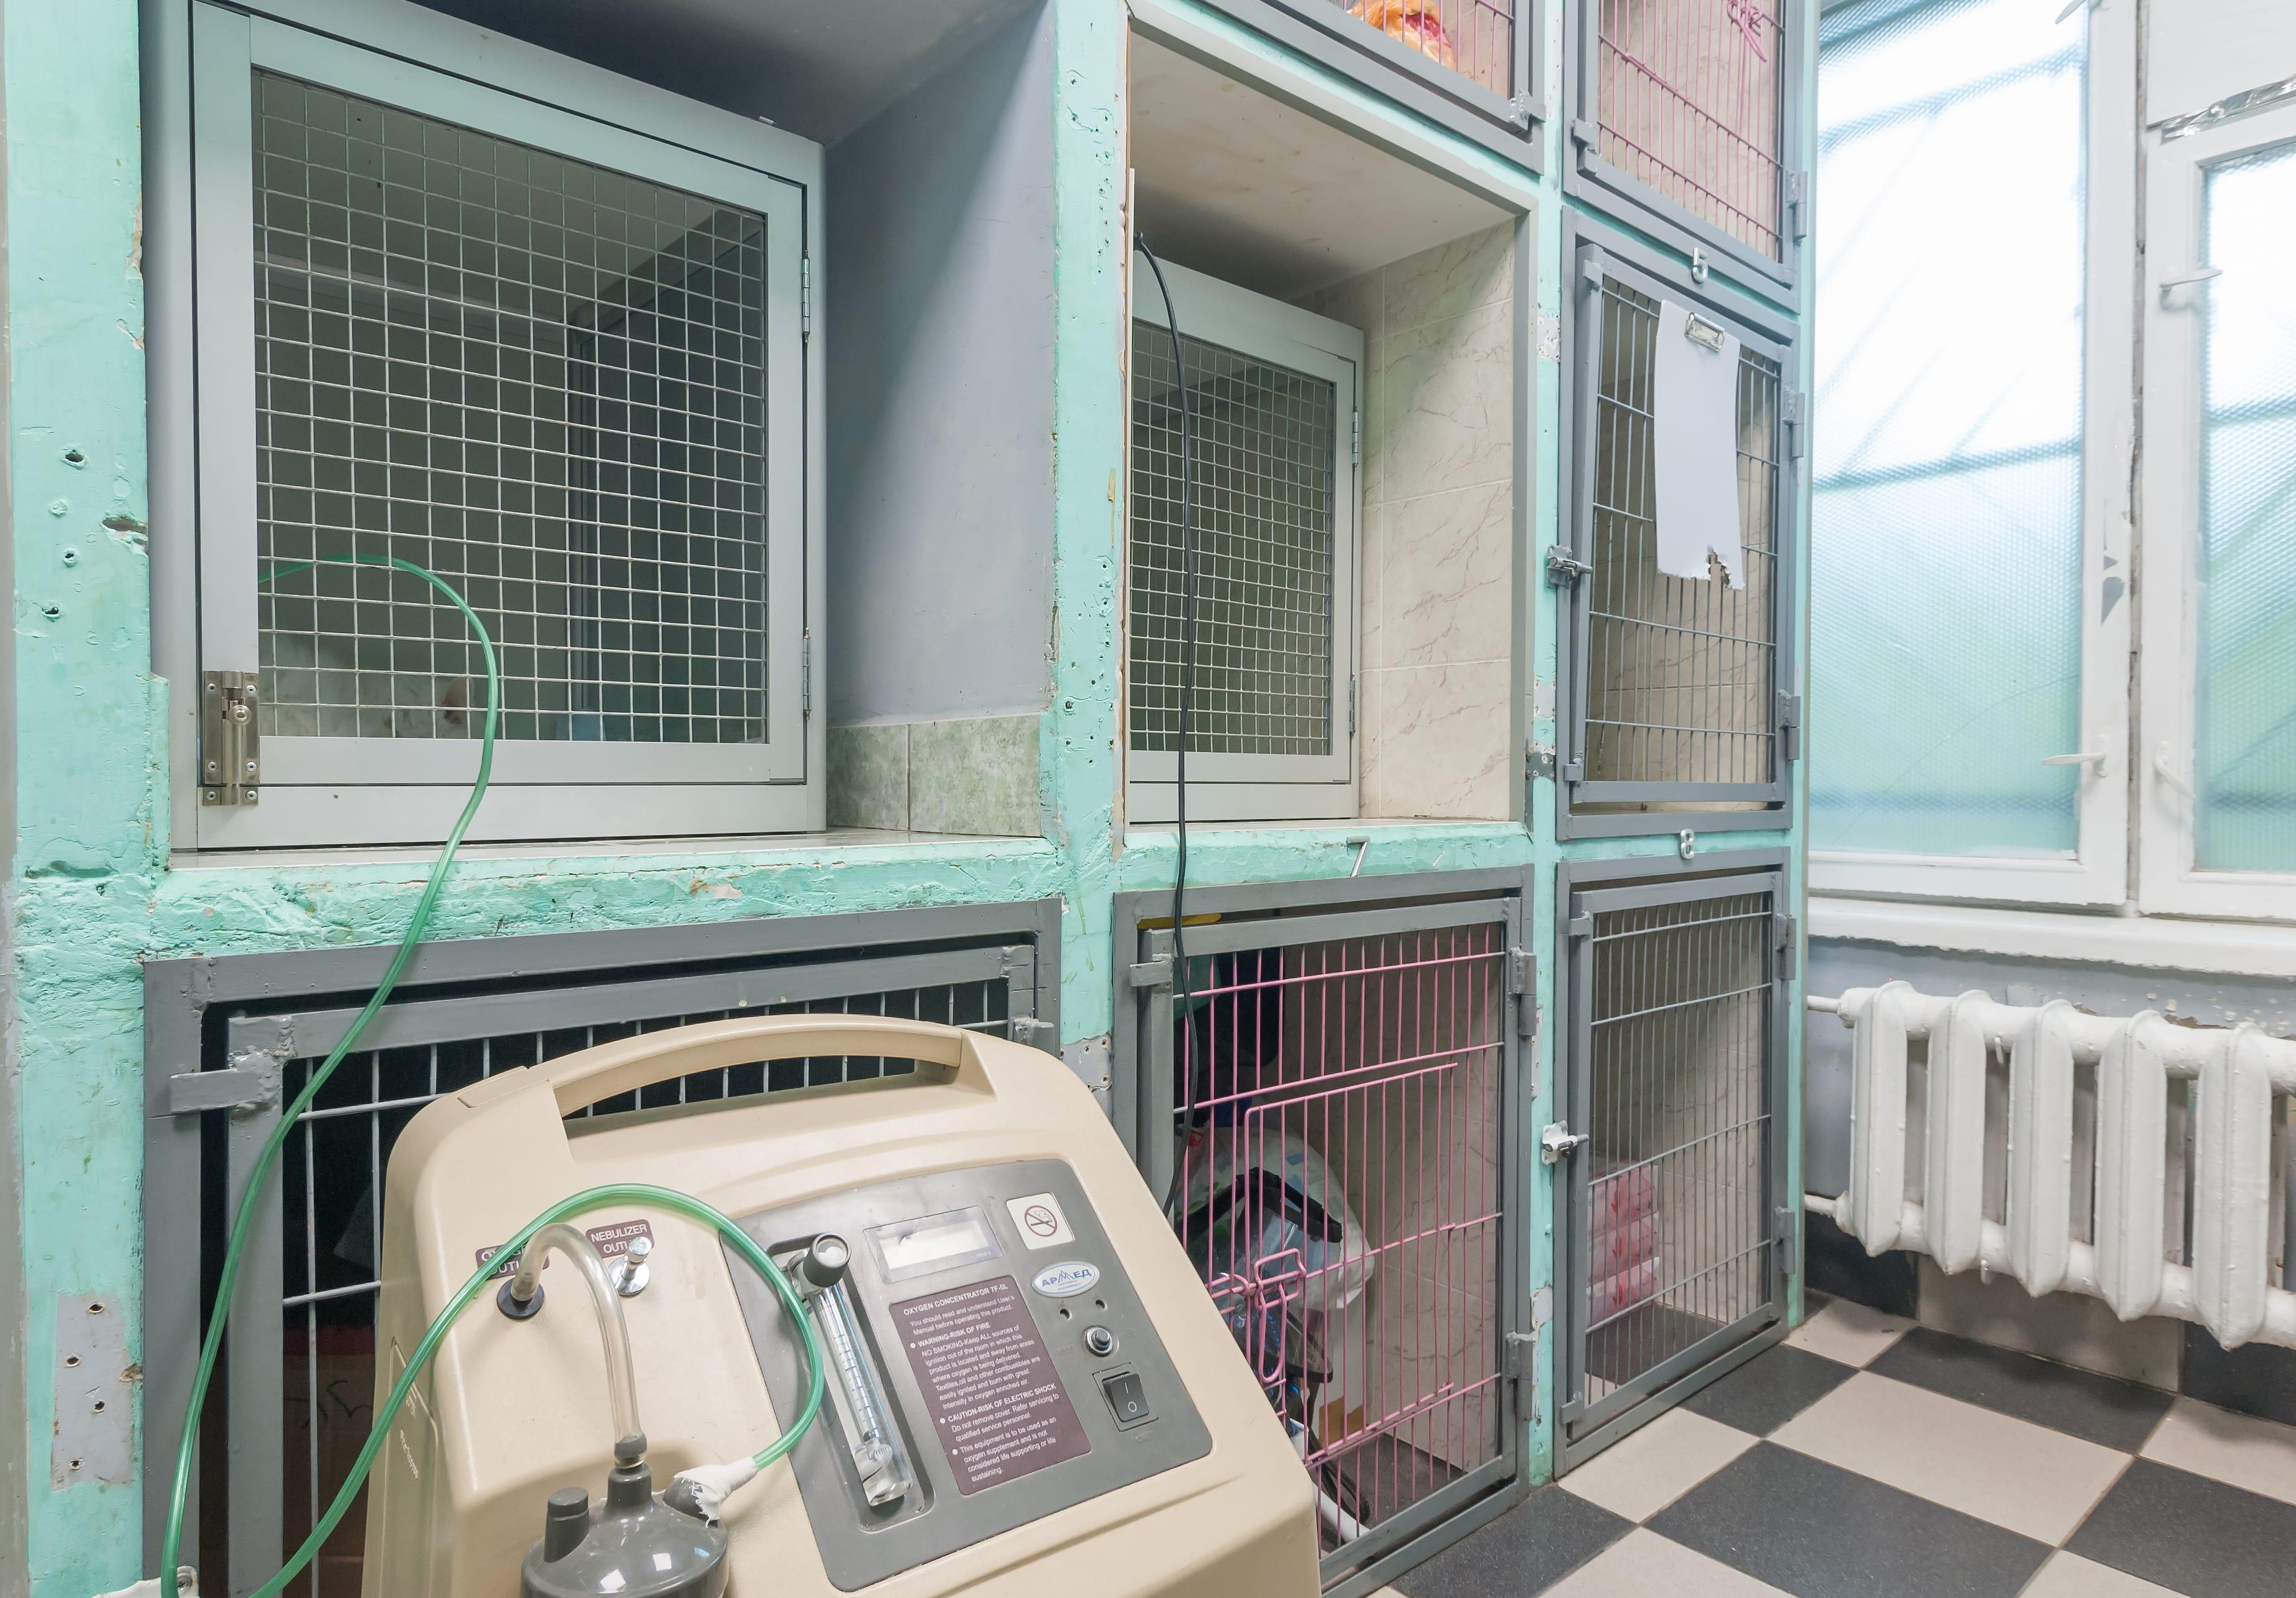 Гостиница для животных - фото 3